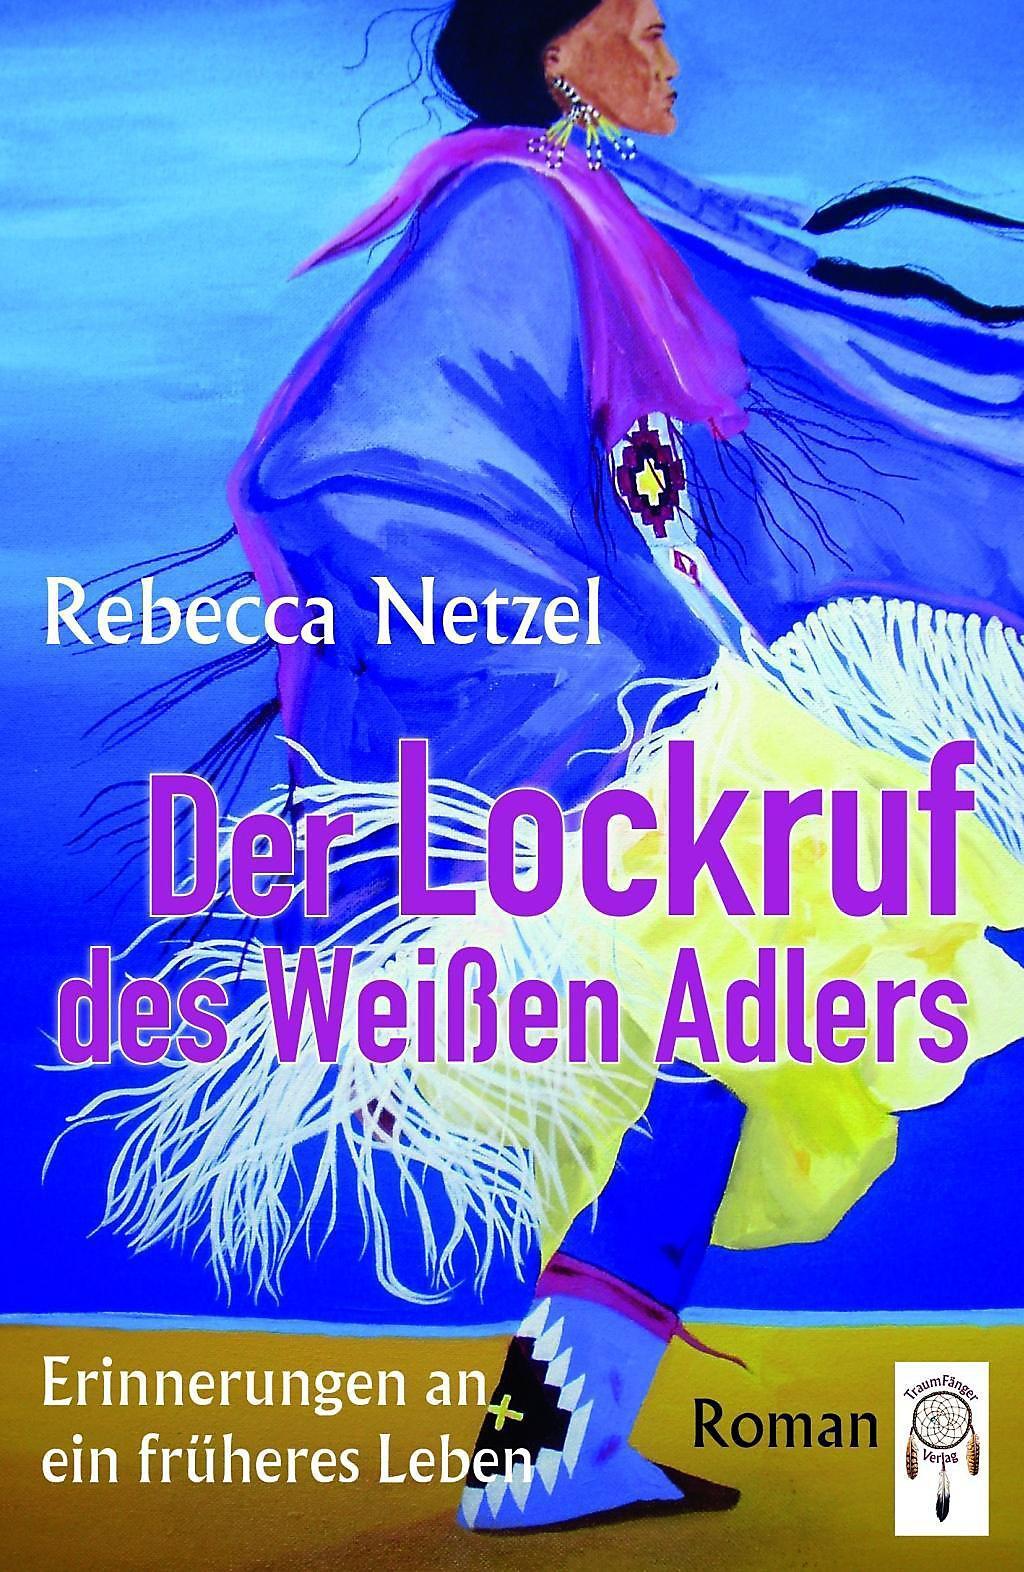 Image result for Lockruf des Goldes Rebecca Netzel